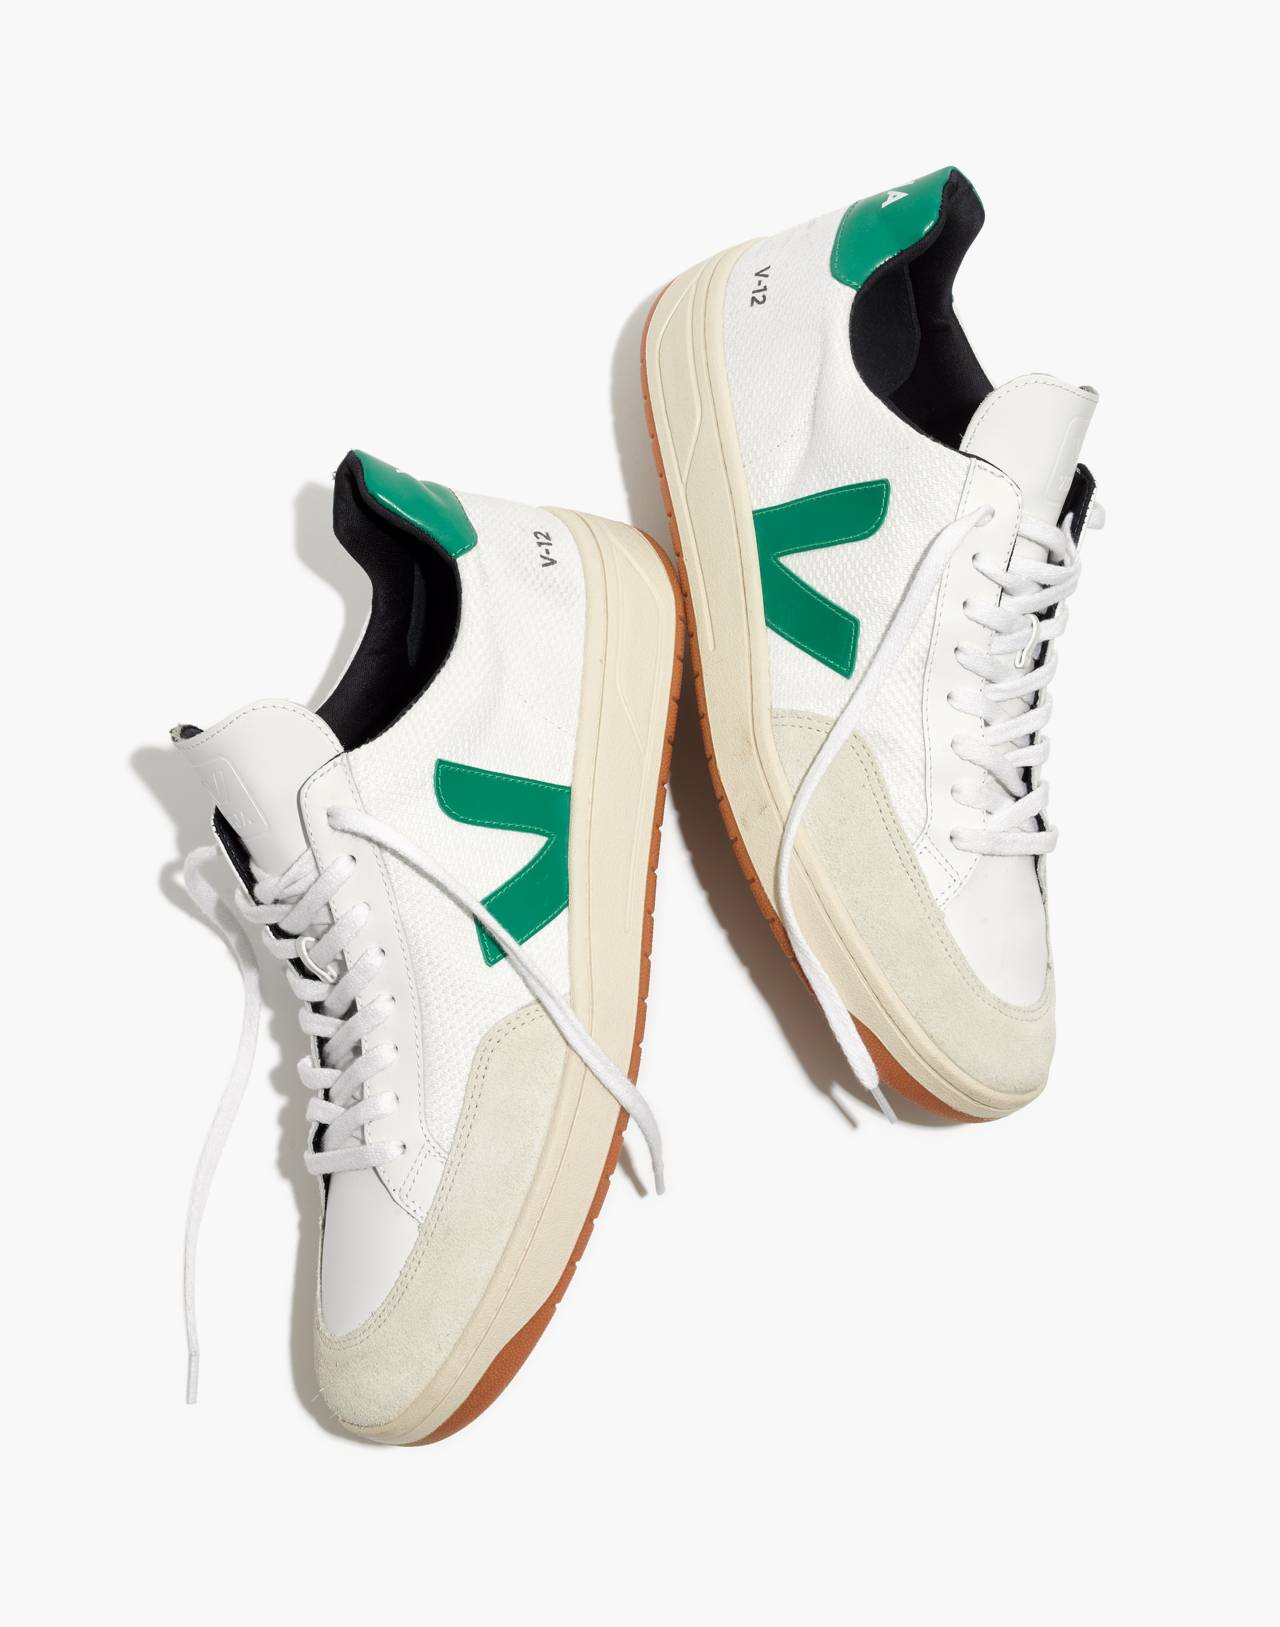 Veja™ Men's V-12 Sneakers in white green image 2